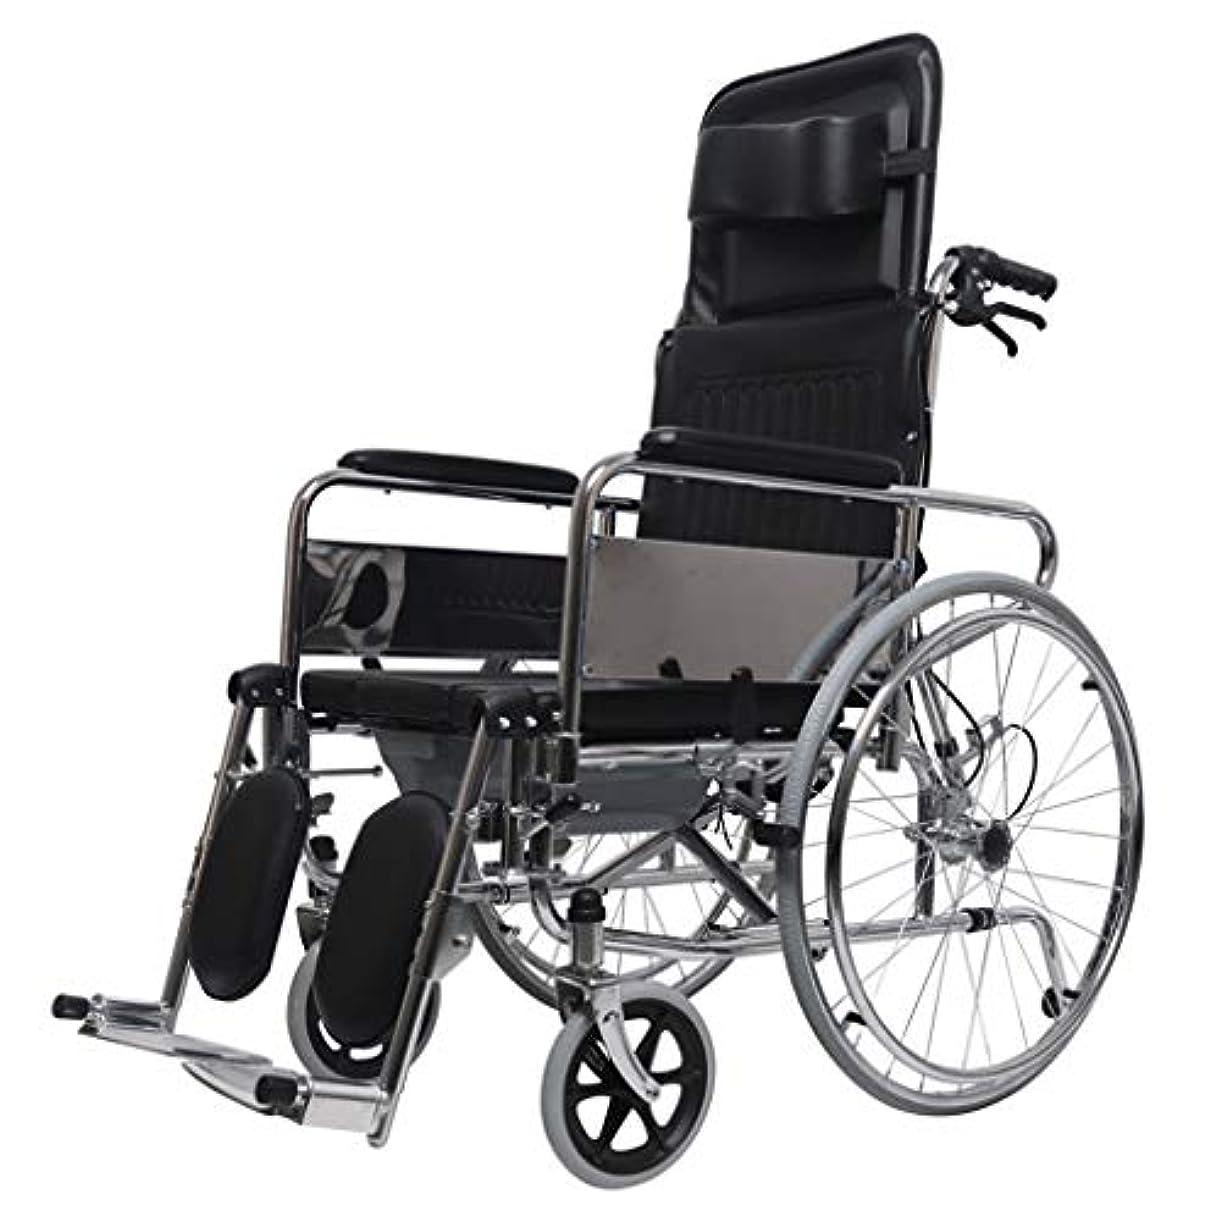 飛ぶ人口ピニオン車椅子トロリー、ブレーキ付き多機能折りたたみ、高齢者向け車椅子、屋外旅行、優れたヘルパー